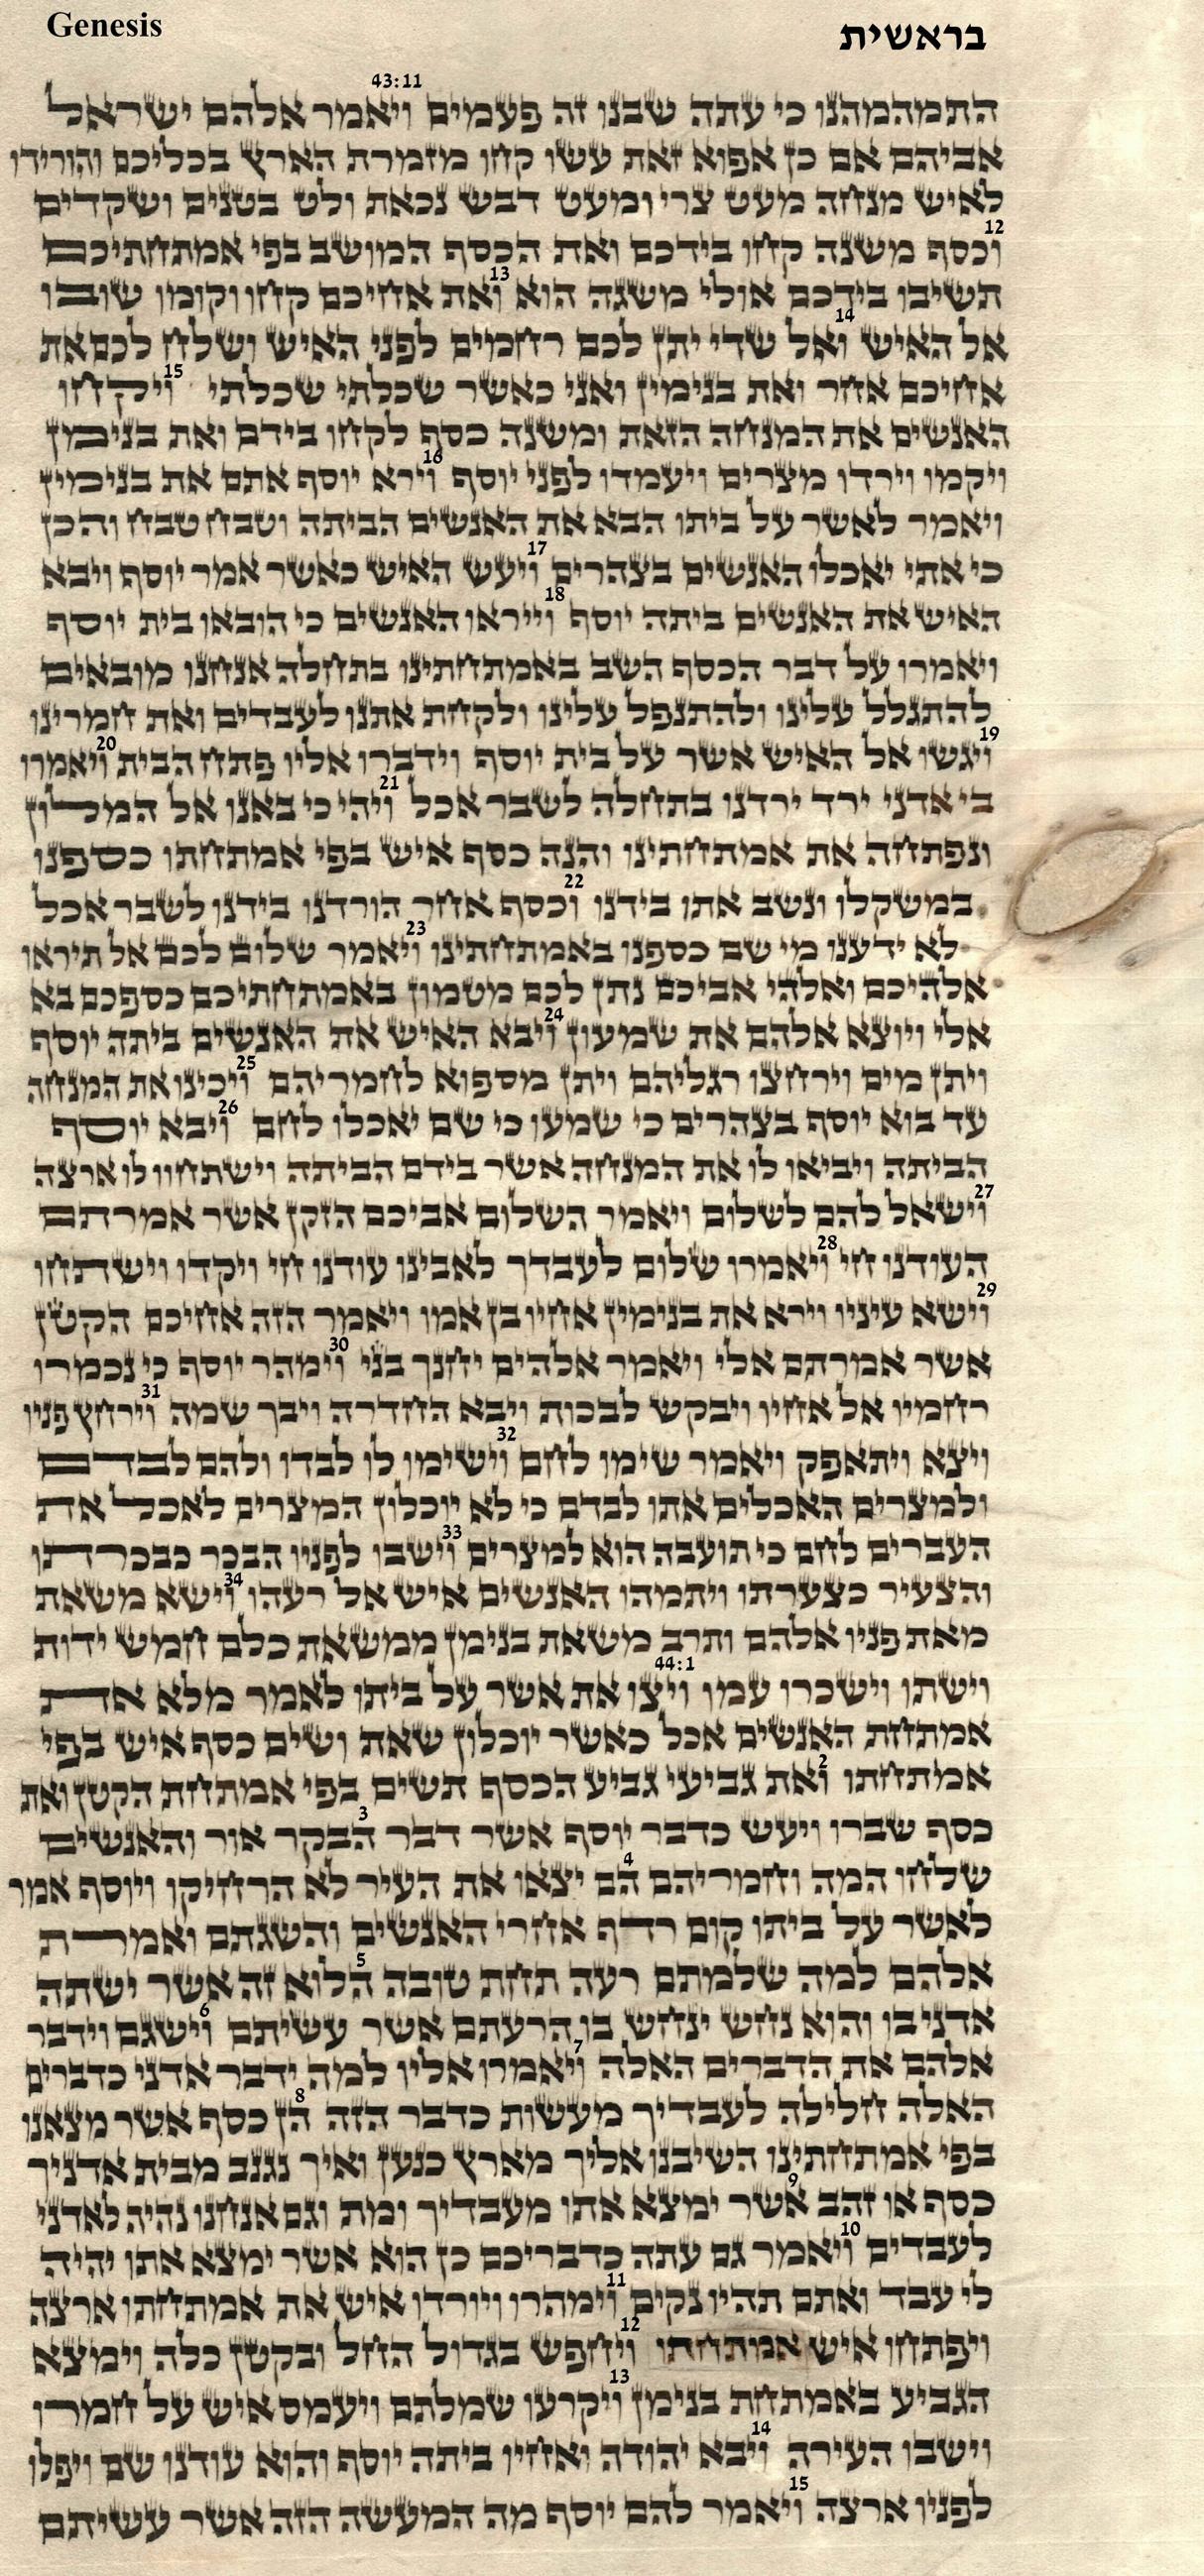 Genesis 43.11 - 44.15